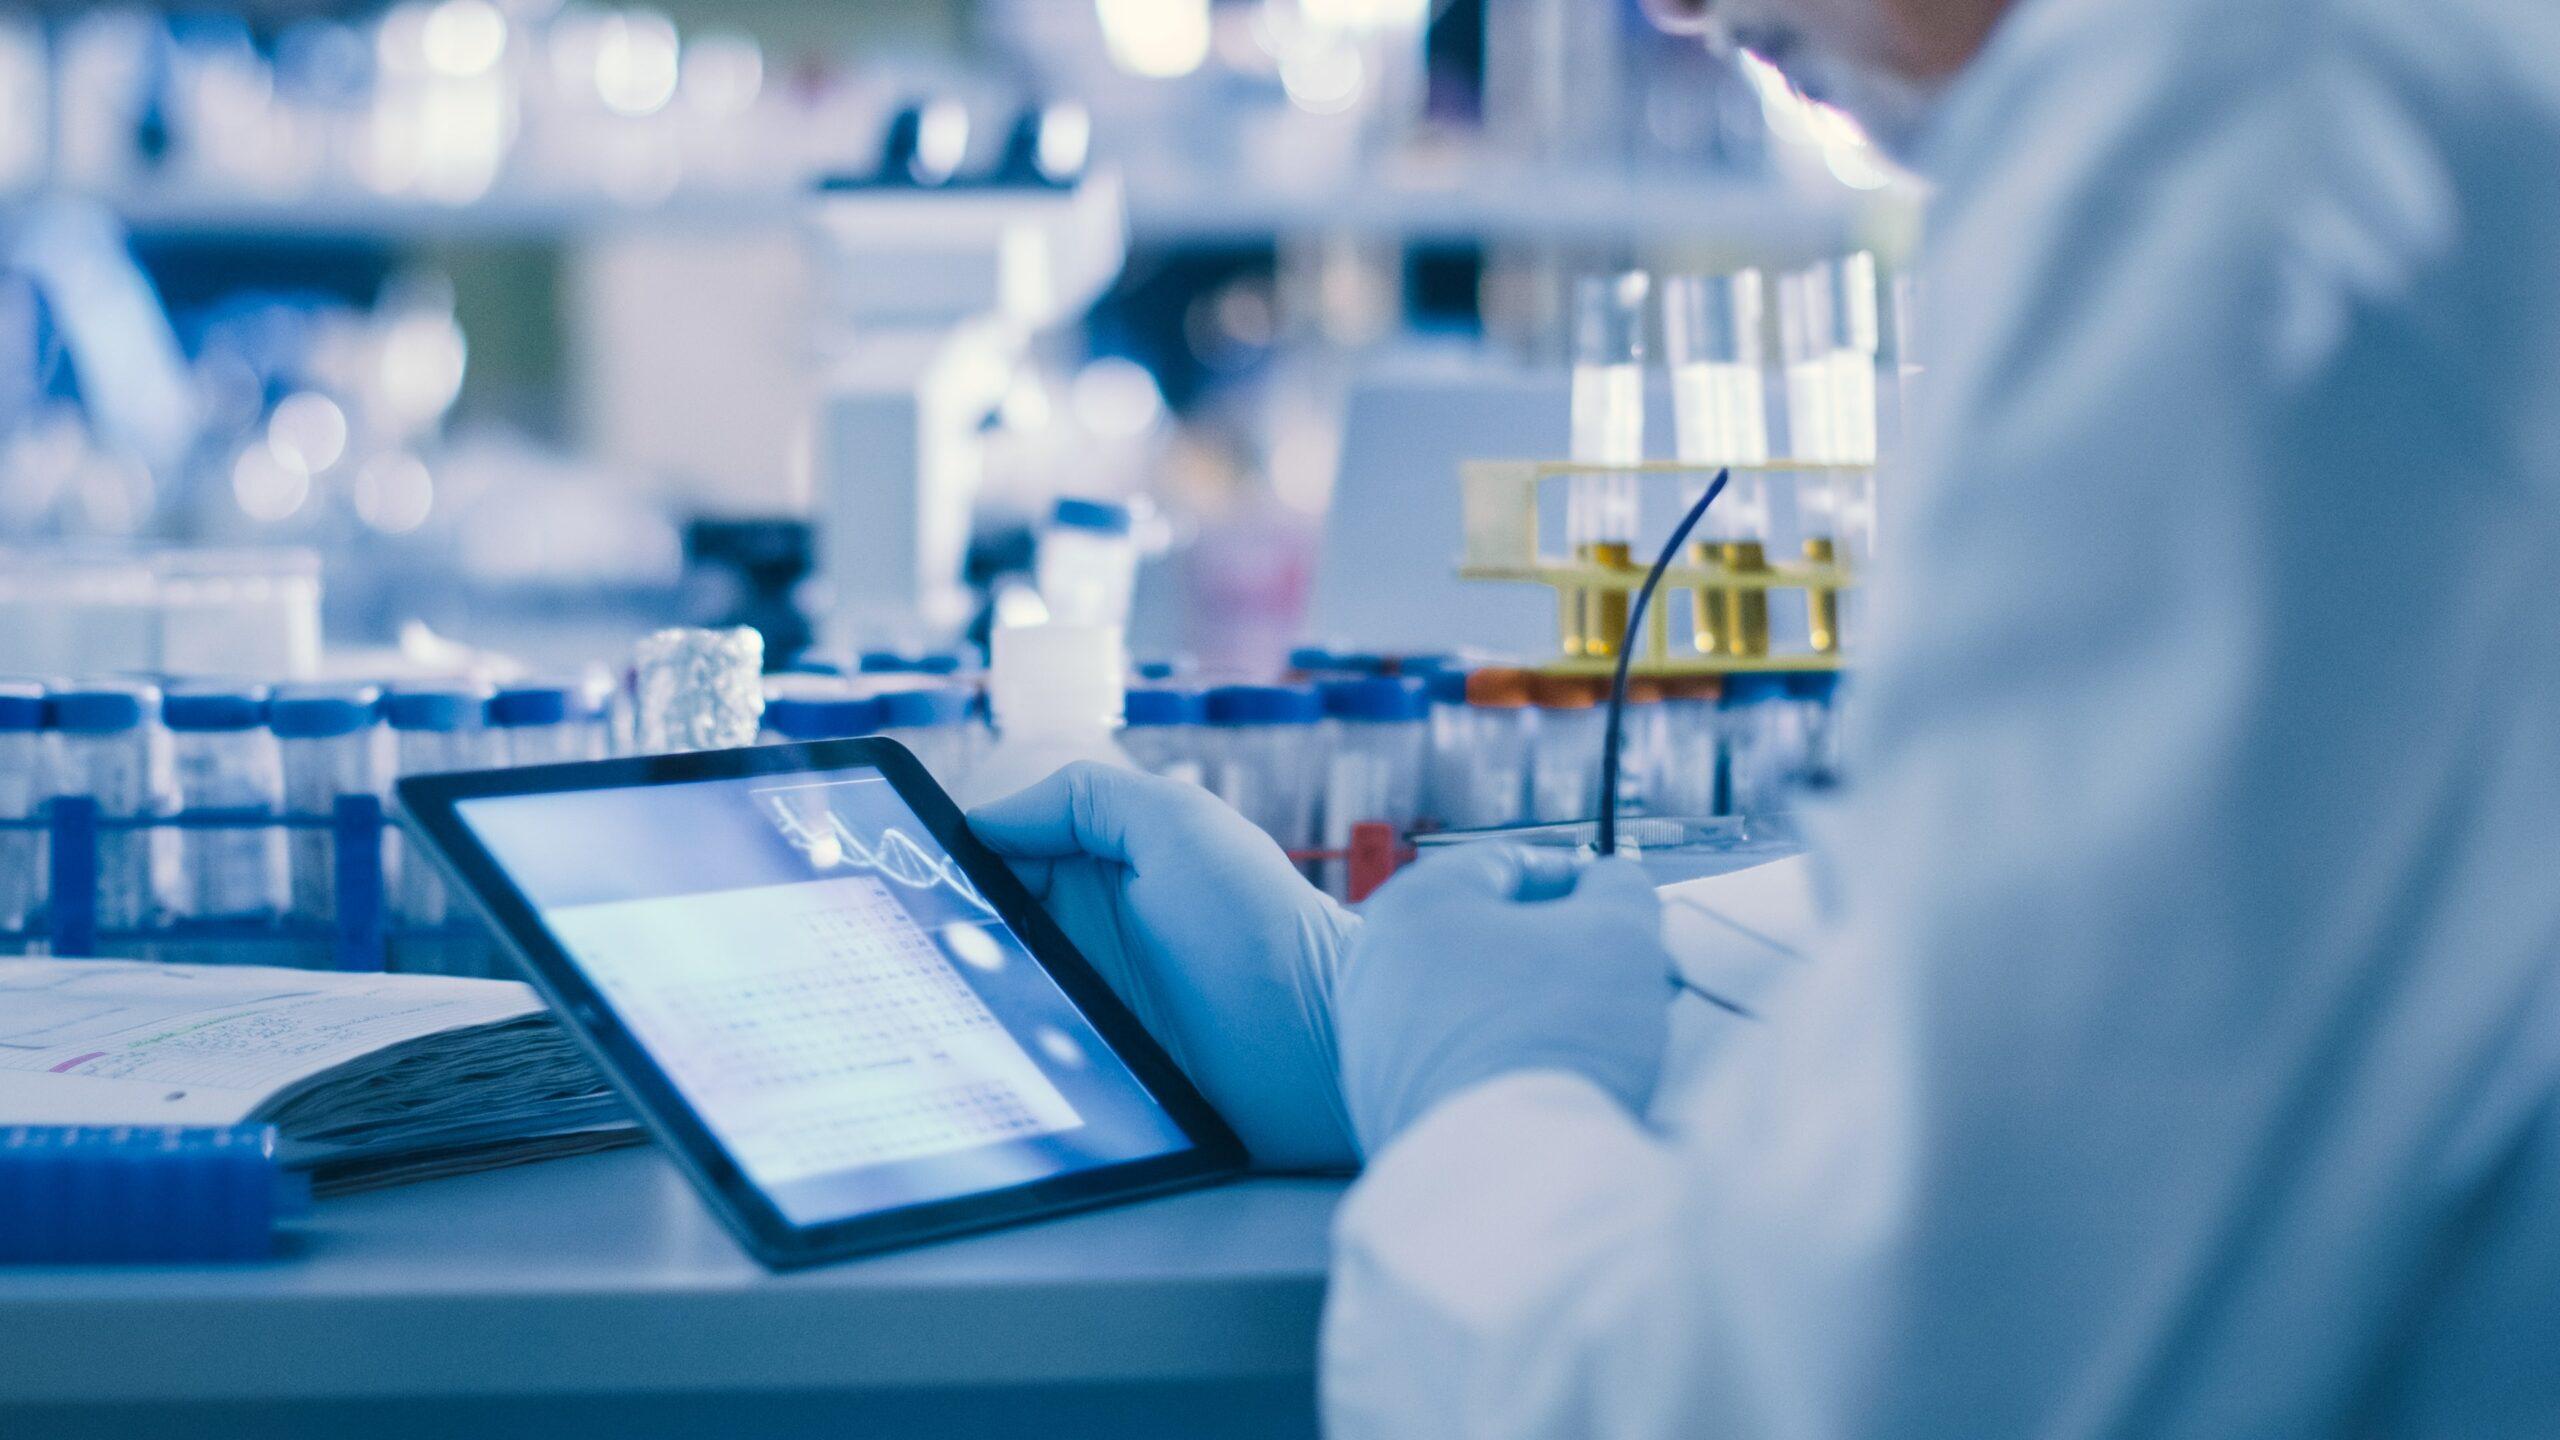 man in lab met handschoenen aan kijkt op ipad